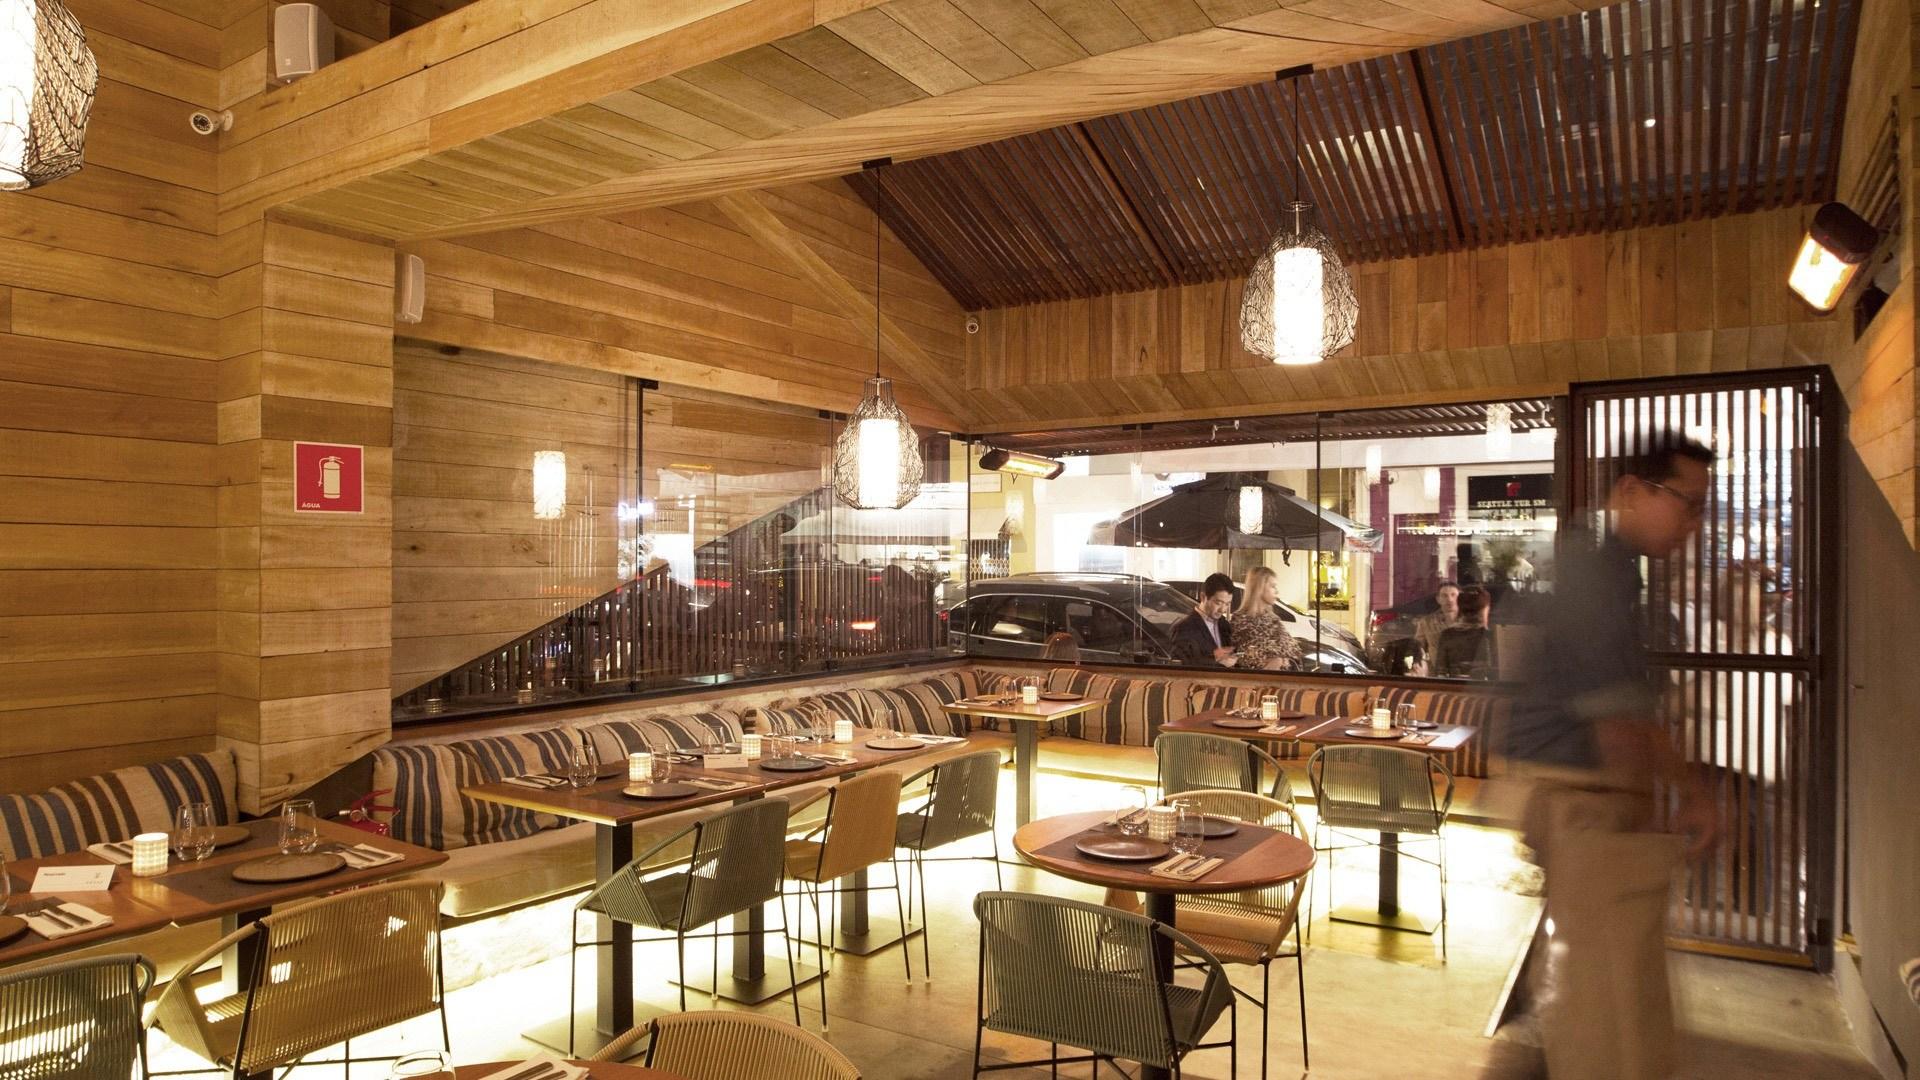 11.restaurante-tanit-interna-noturna-15